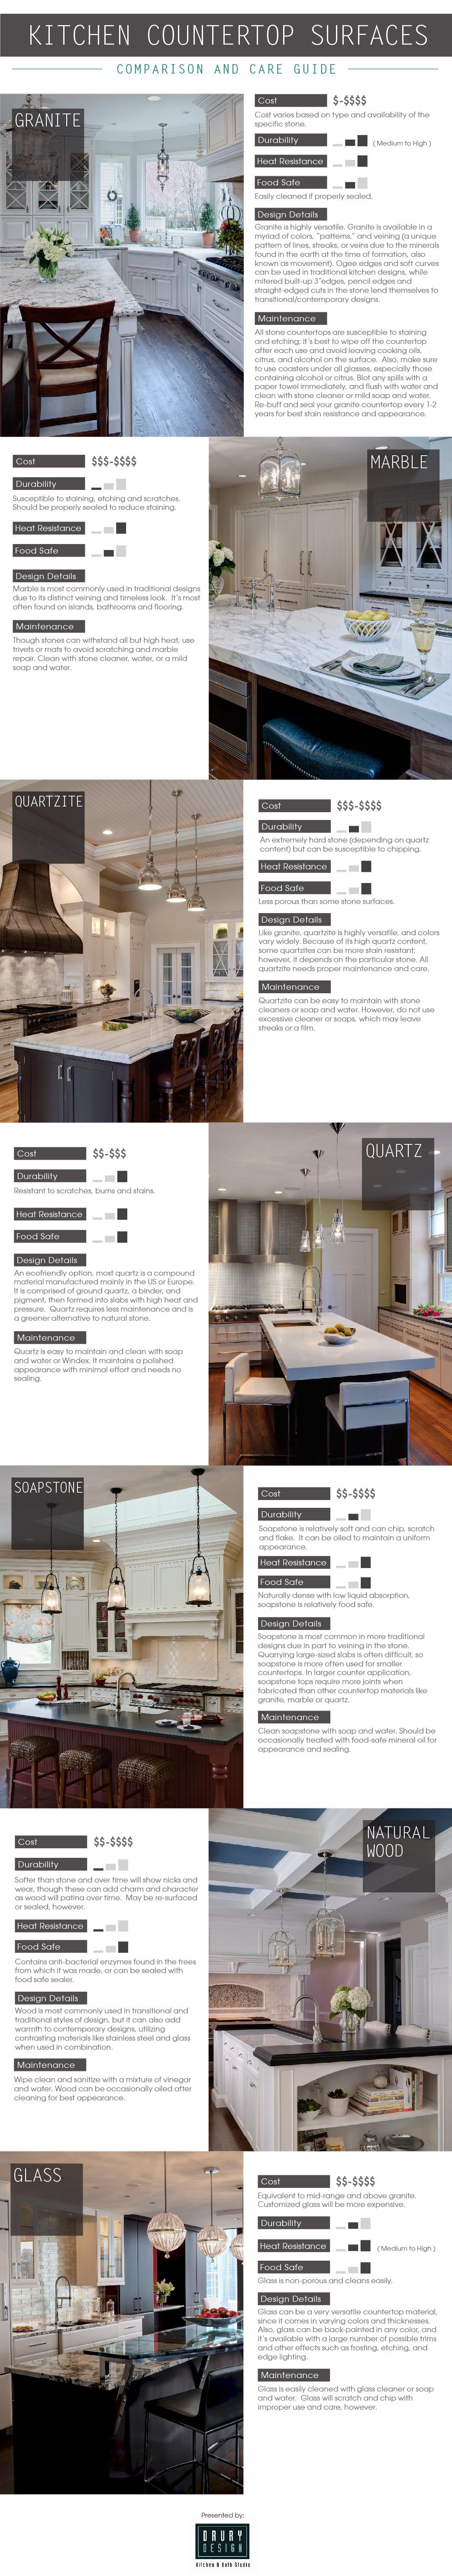 Countertop Comparison Guide : Kitchen Countertop Surfaces Comparison and Care Guide